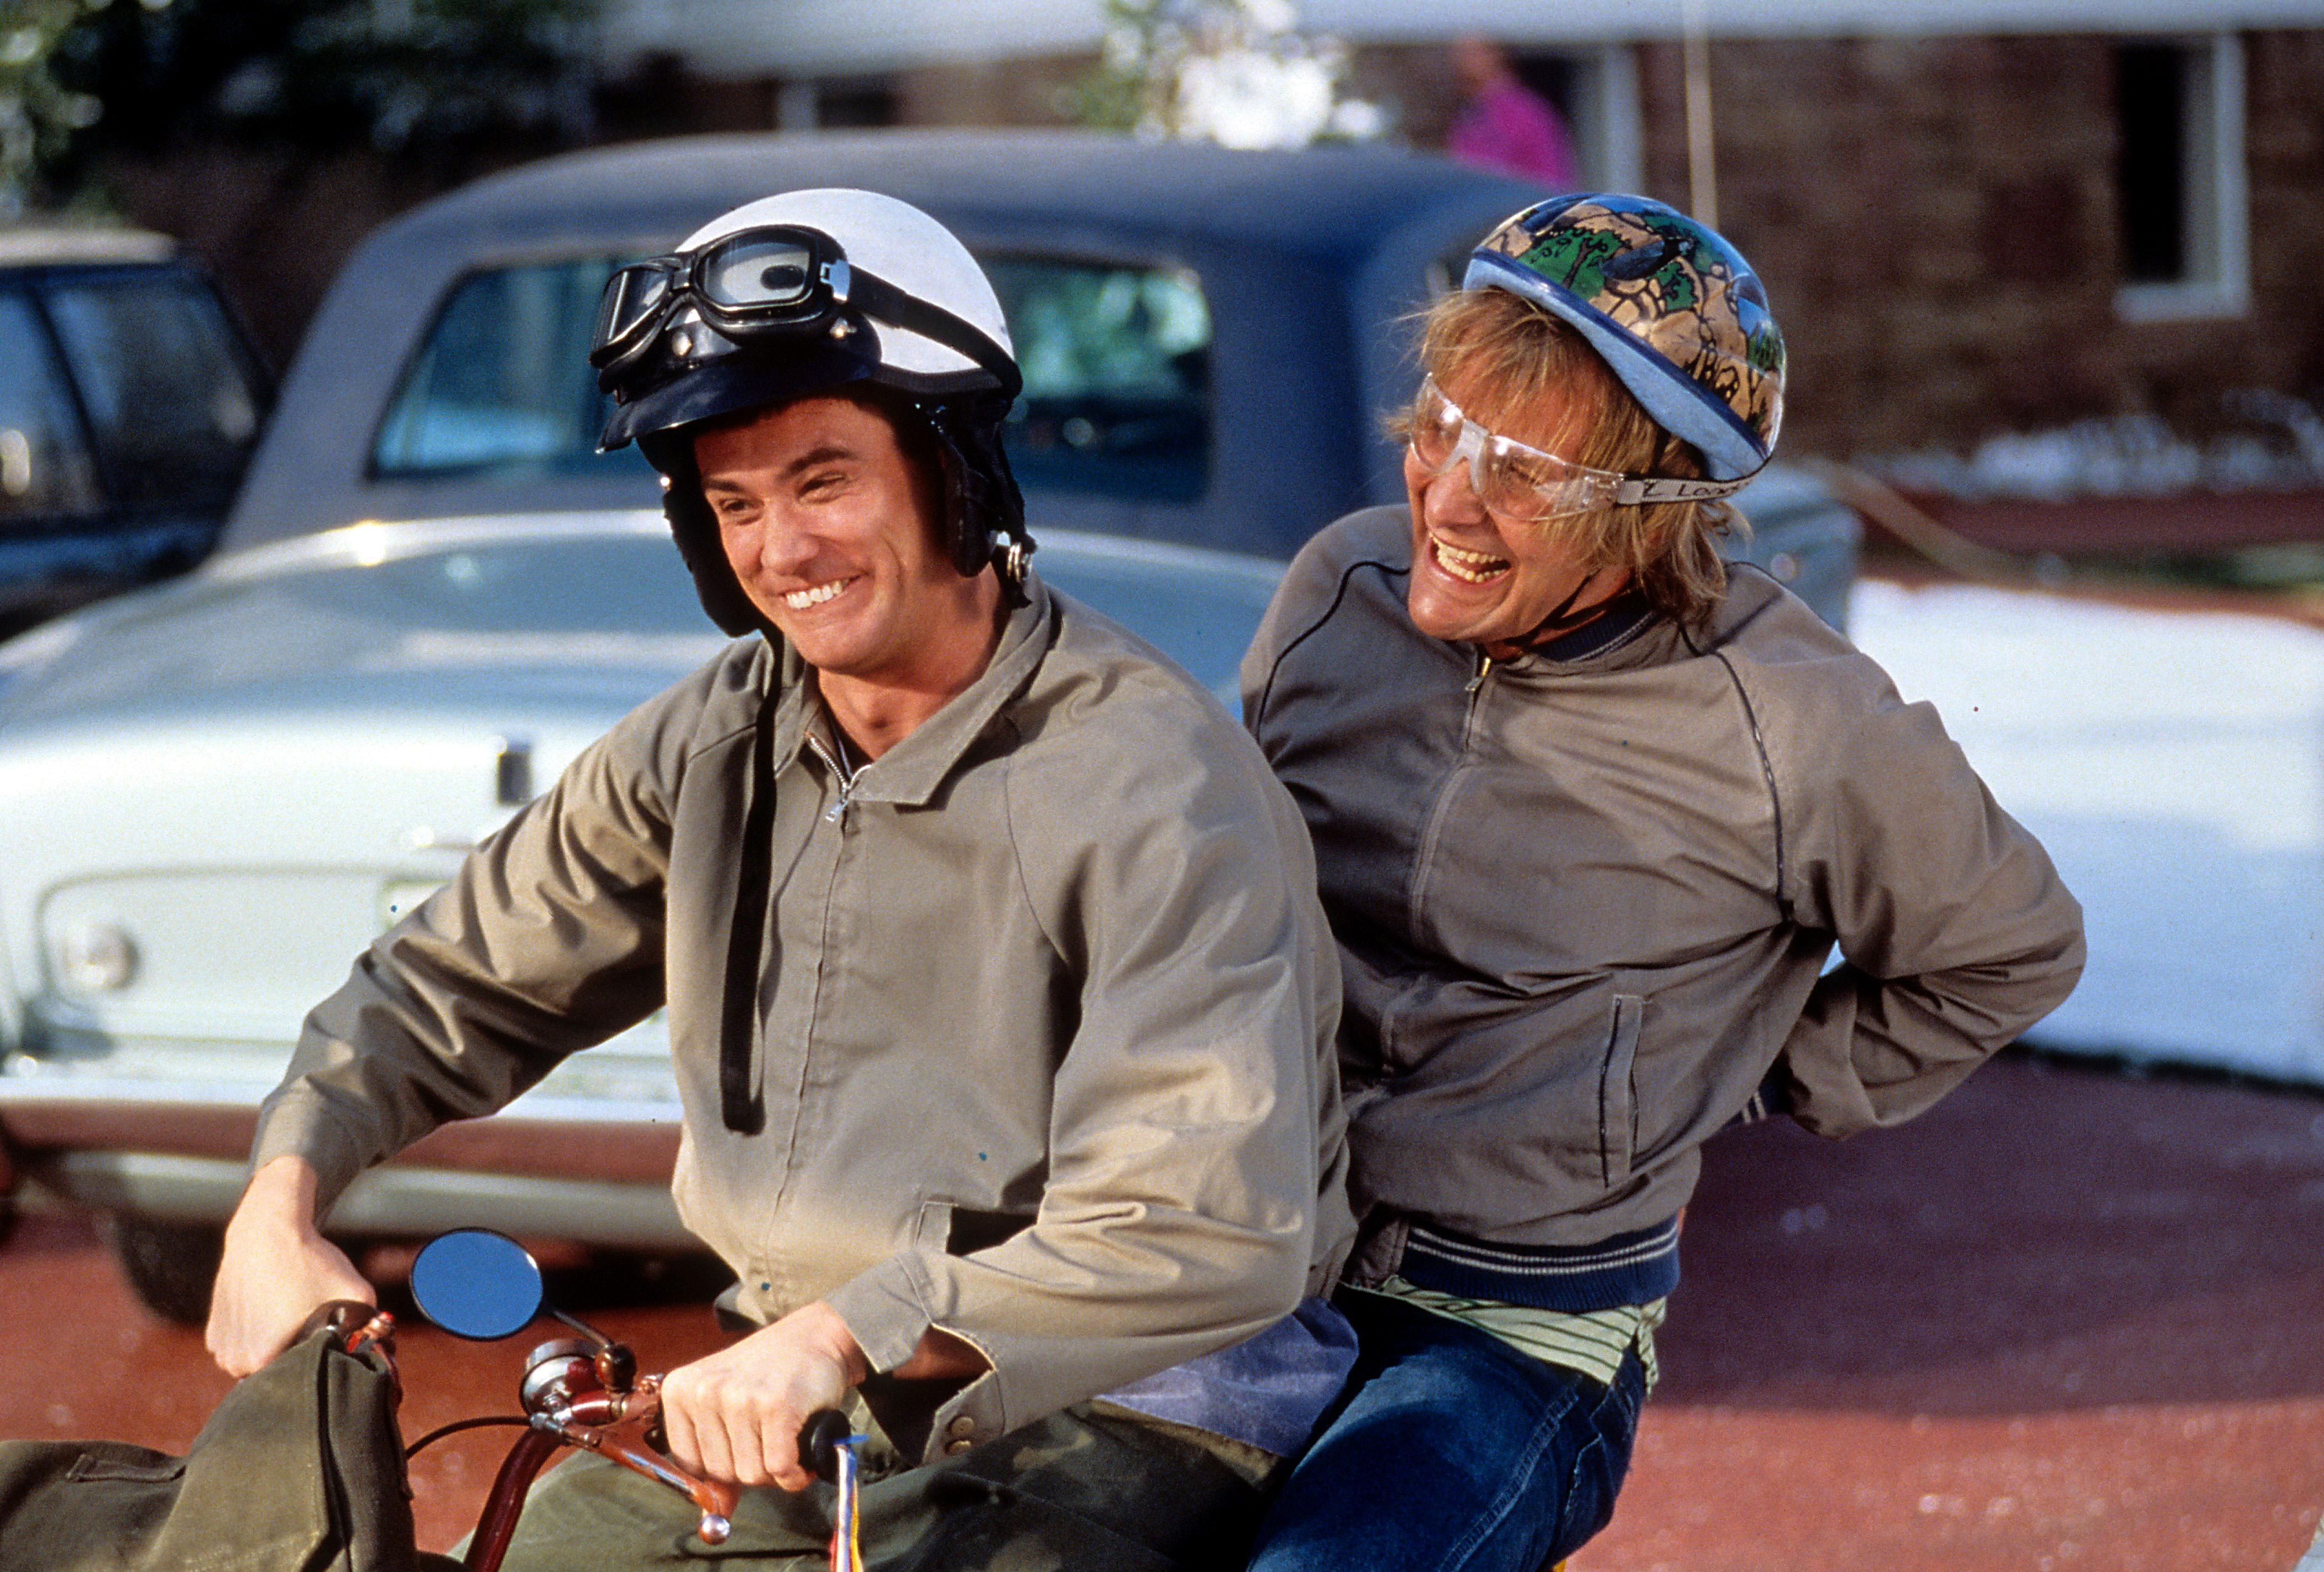 Jim Carrey and Jeff Daniels in 'Dumb & Dumber', 1994.